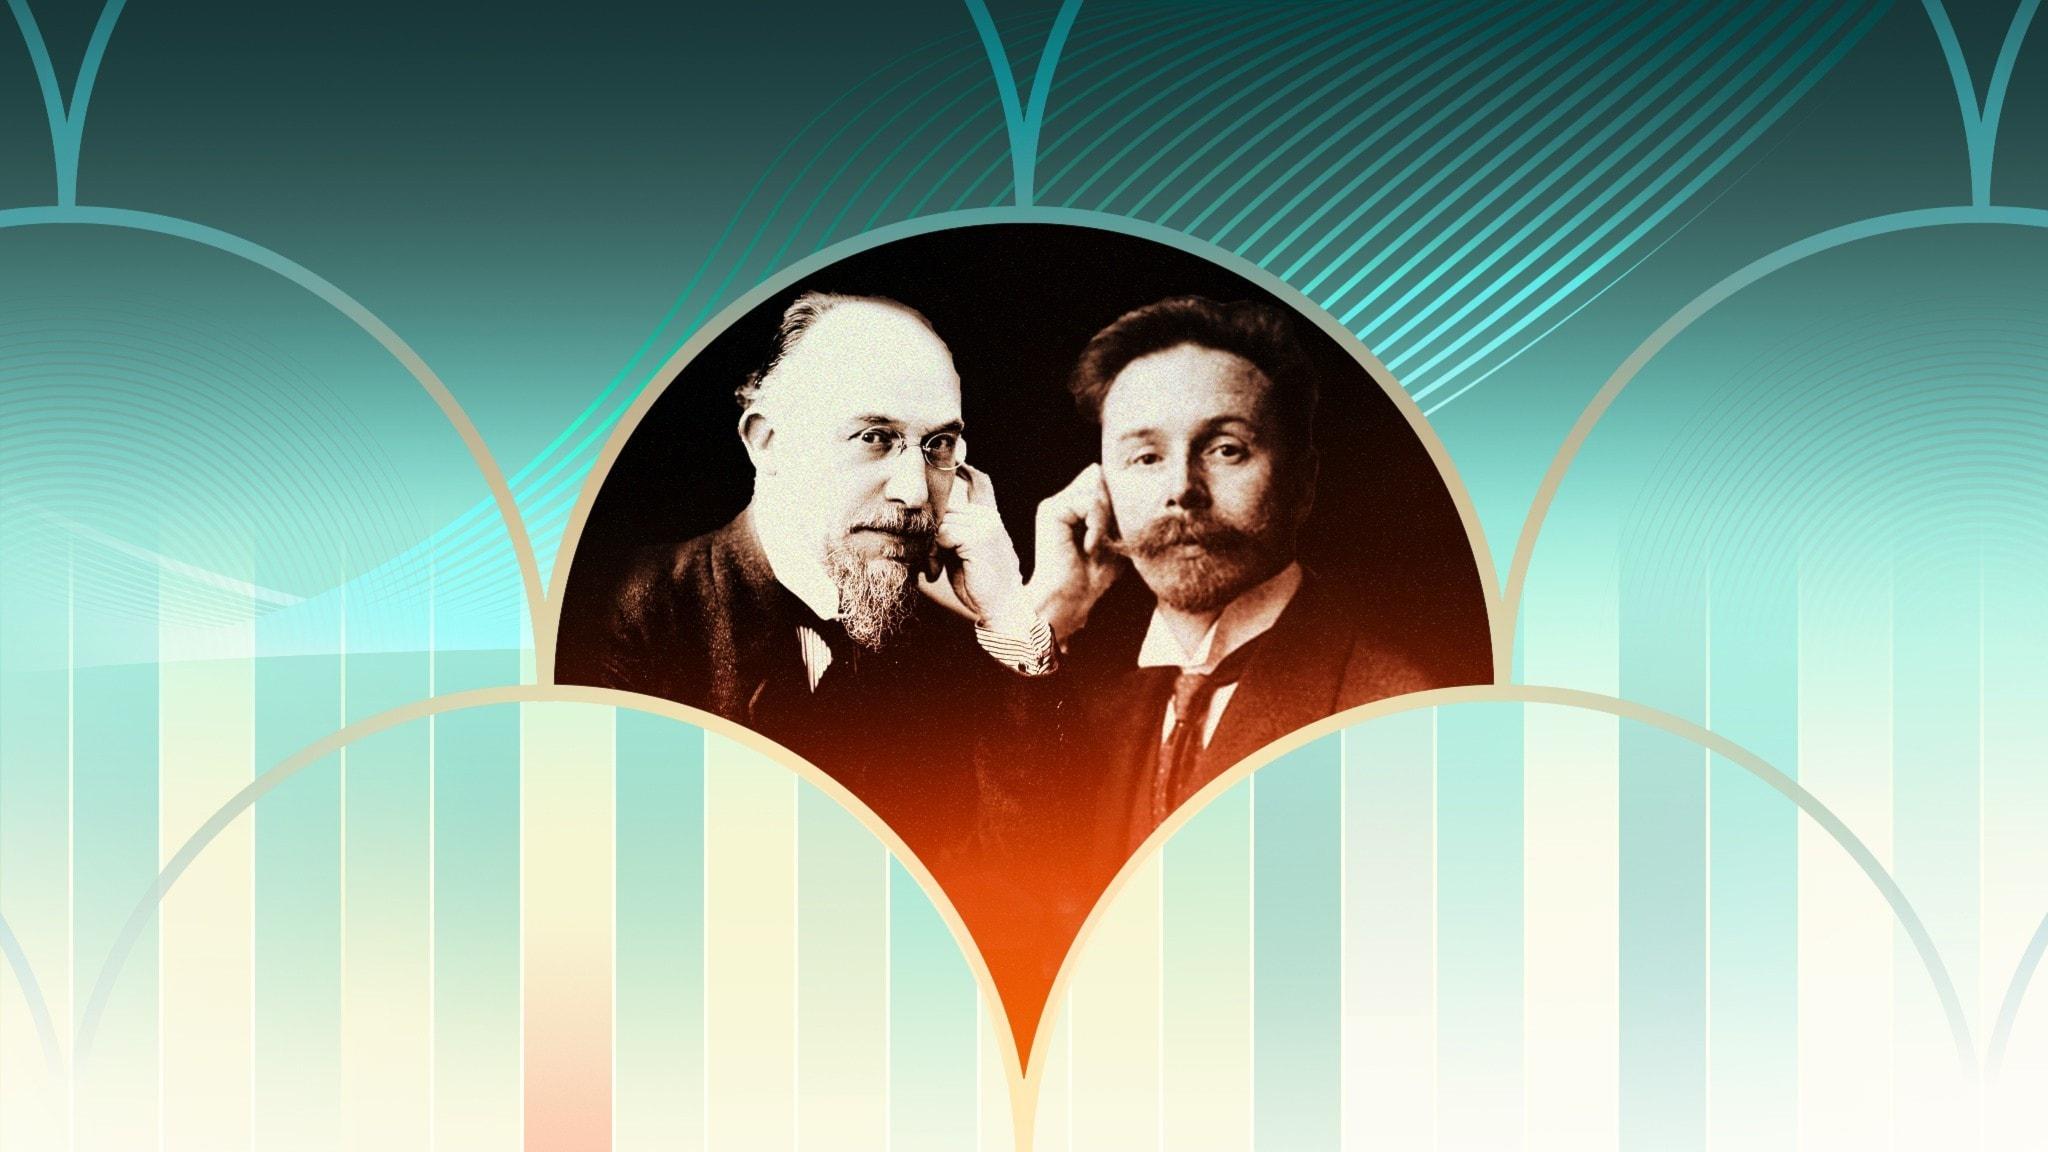 Bild: Tonsättarna Erik Satie och Alexander Skrjabin.